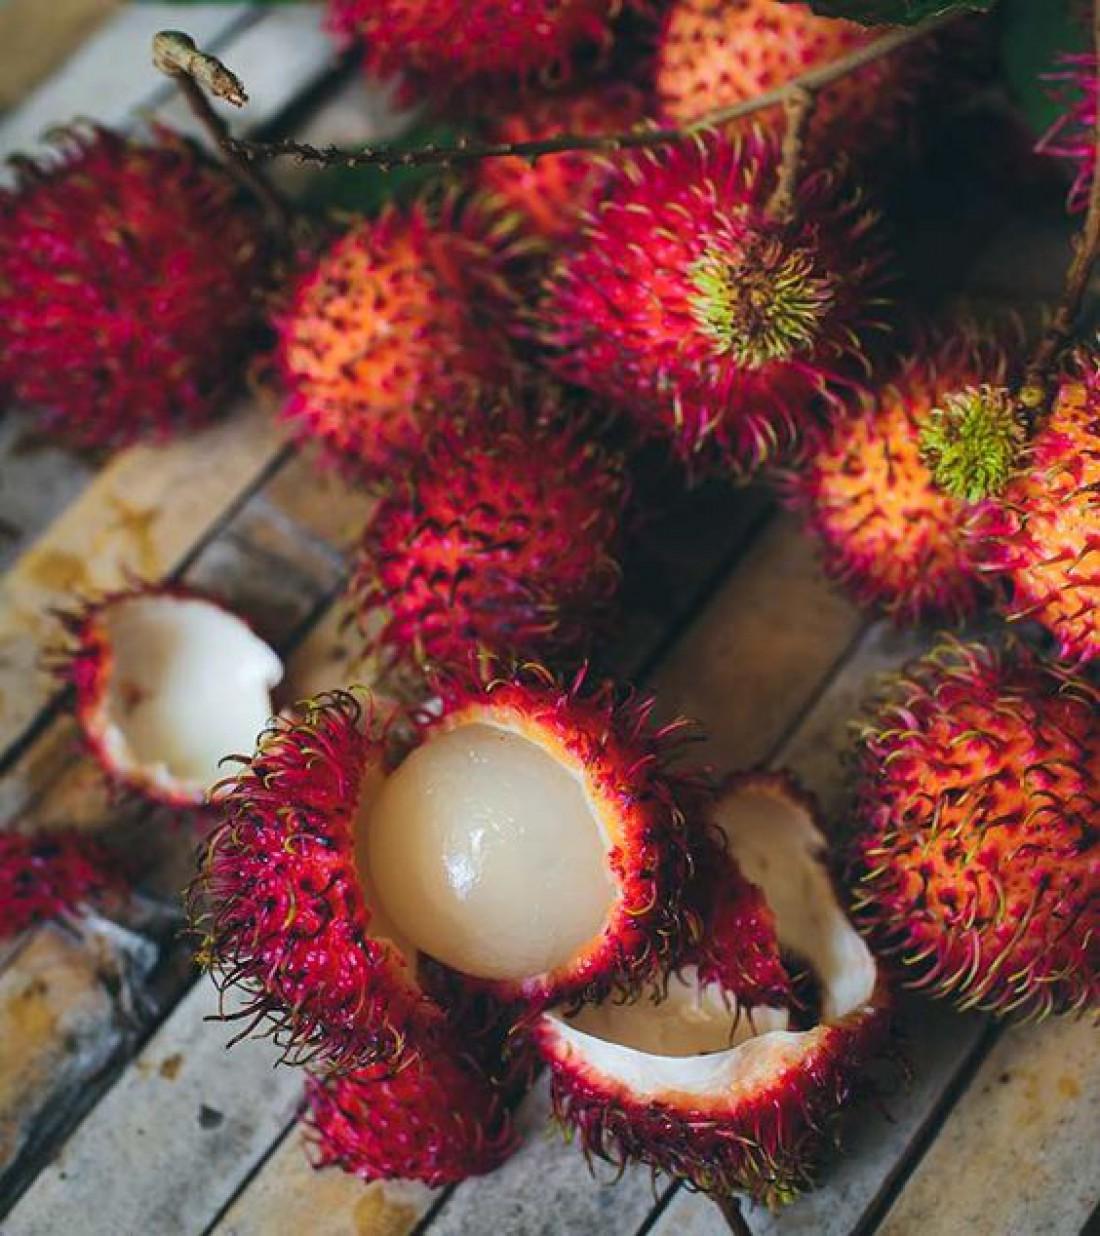 ТОП-5 самых опасных блюд, от которых лучше отказаться в путешествии